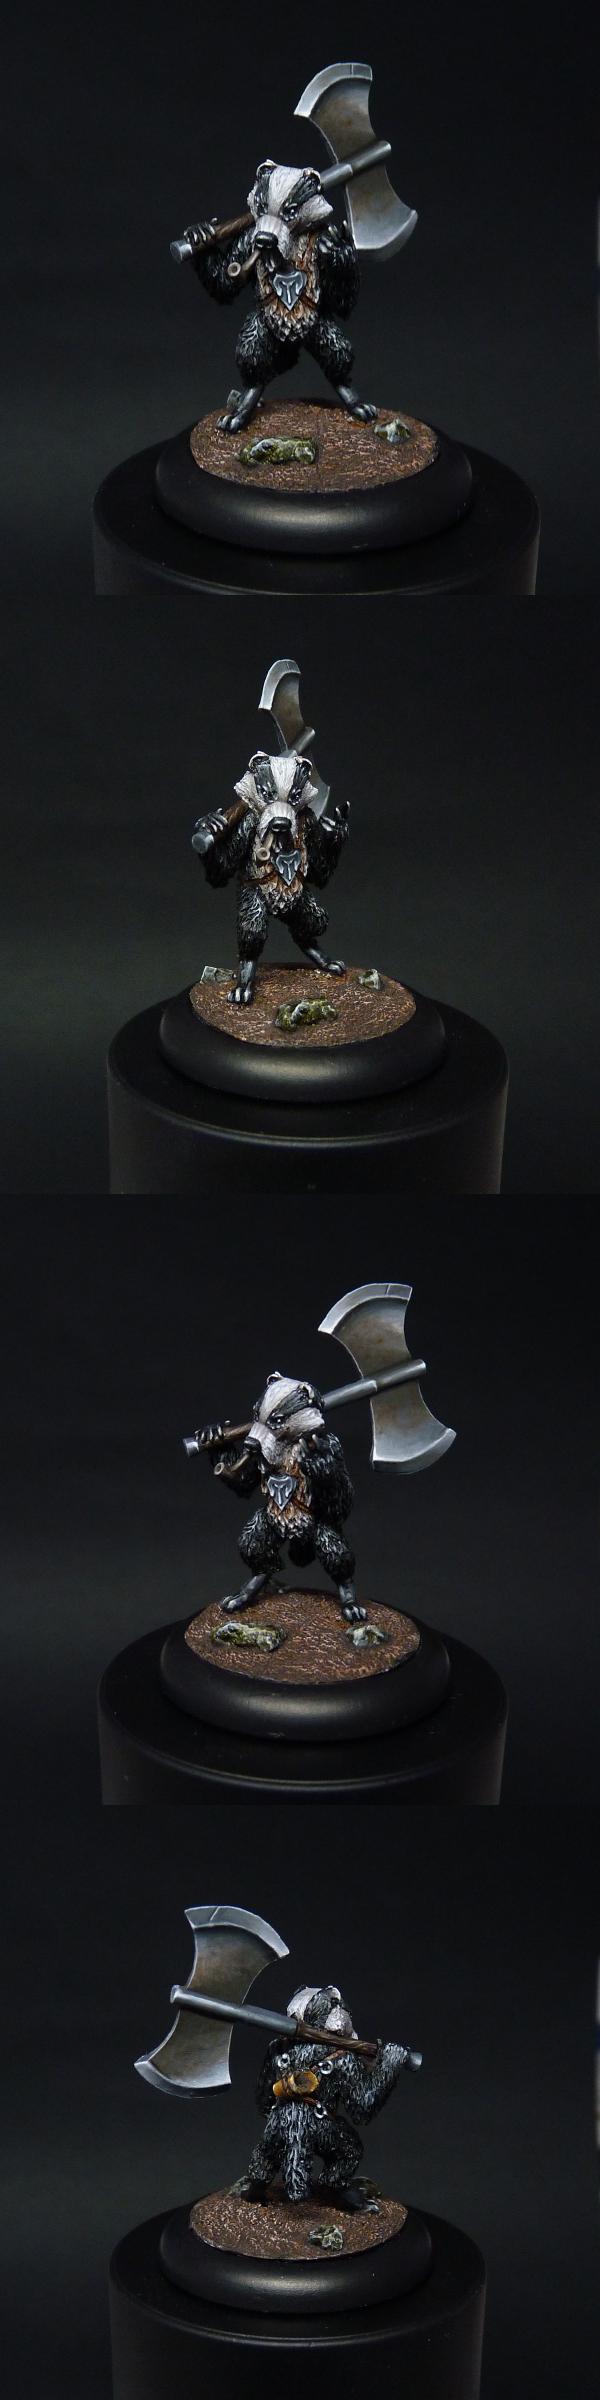 Brig, Siegebreaker, Ax Faction